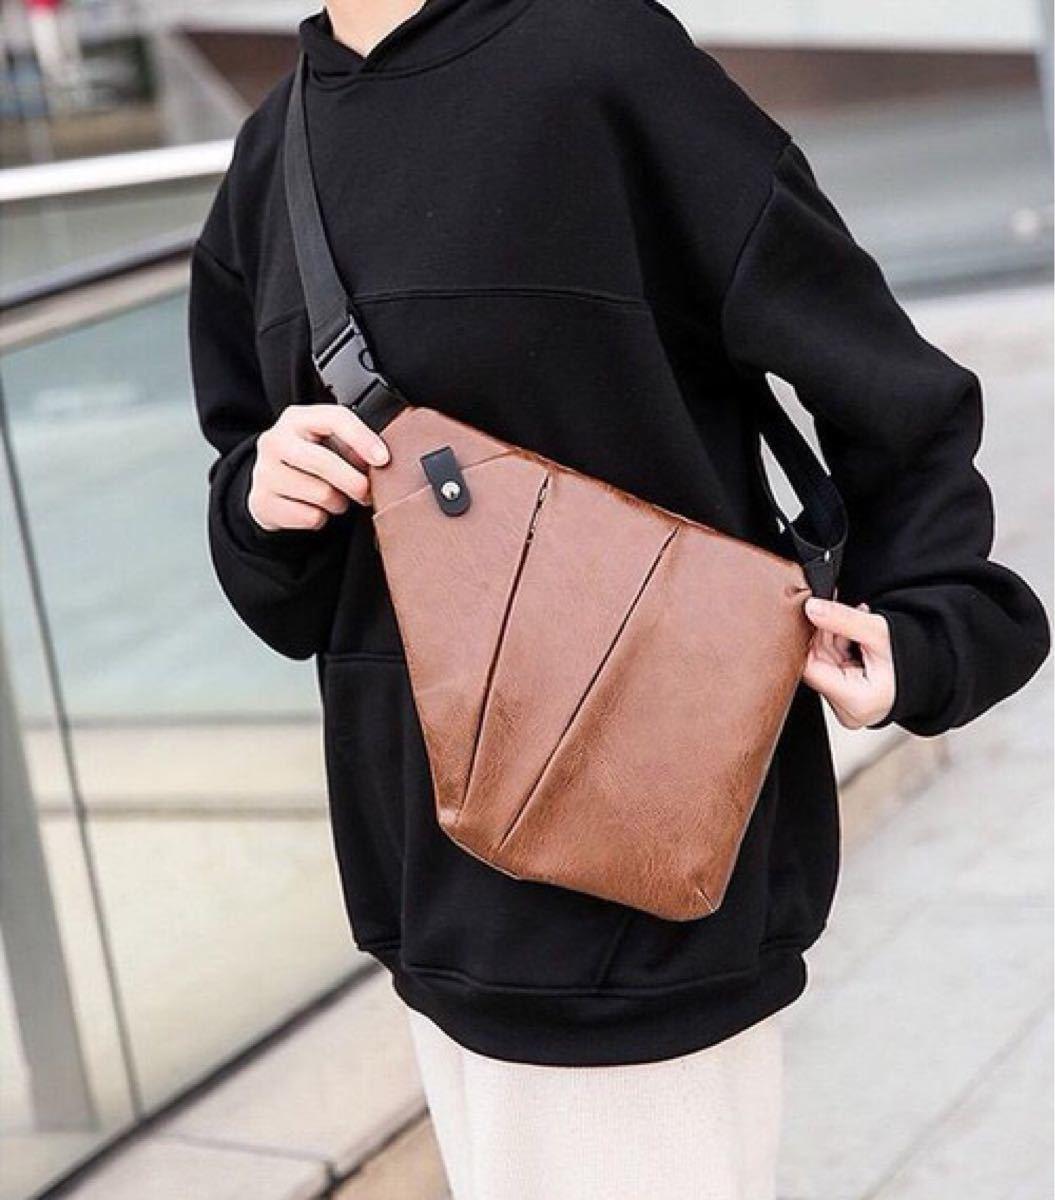 ボディバッグ ボディーバッグ ショルダーバッグ メンズ ブラウン 小物 鞄 ポケット 高品質 斜め掛けワンショルダーバッグ斜めがけ